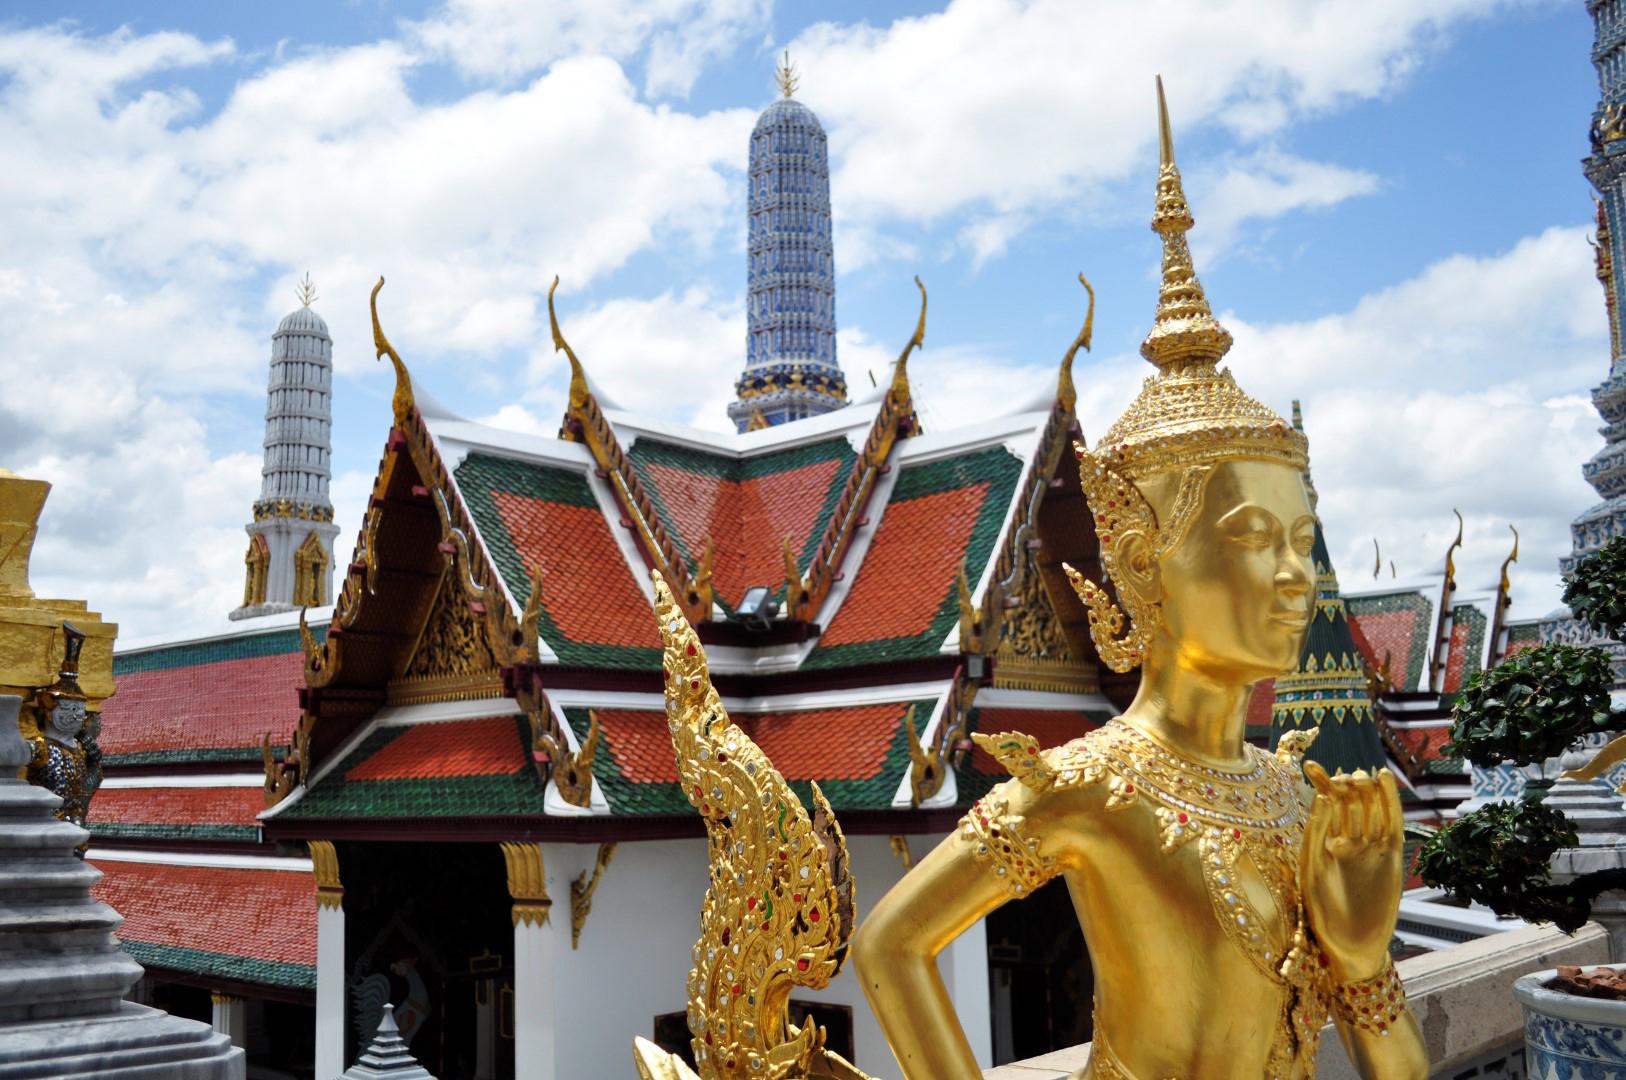 Qué hacer en Bangkok, qué ver en Bangkok, Tailandia qué hacer en bangkok - 40536743412 059835e8eb o - Qué hacer en Bangkok para descubrir su estilo de vida